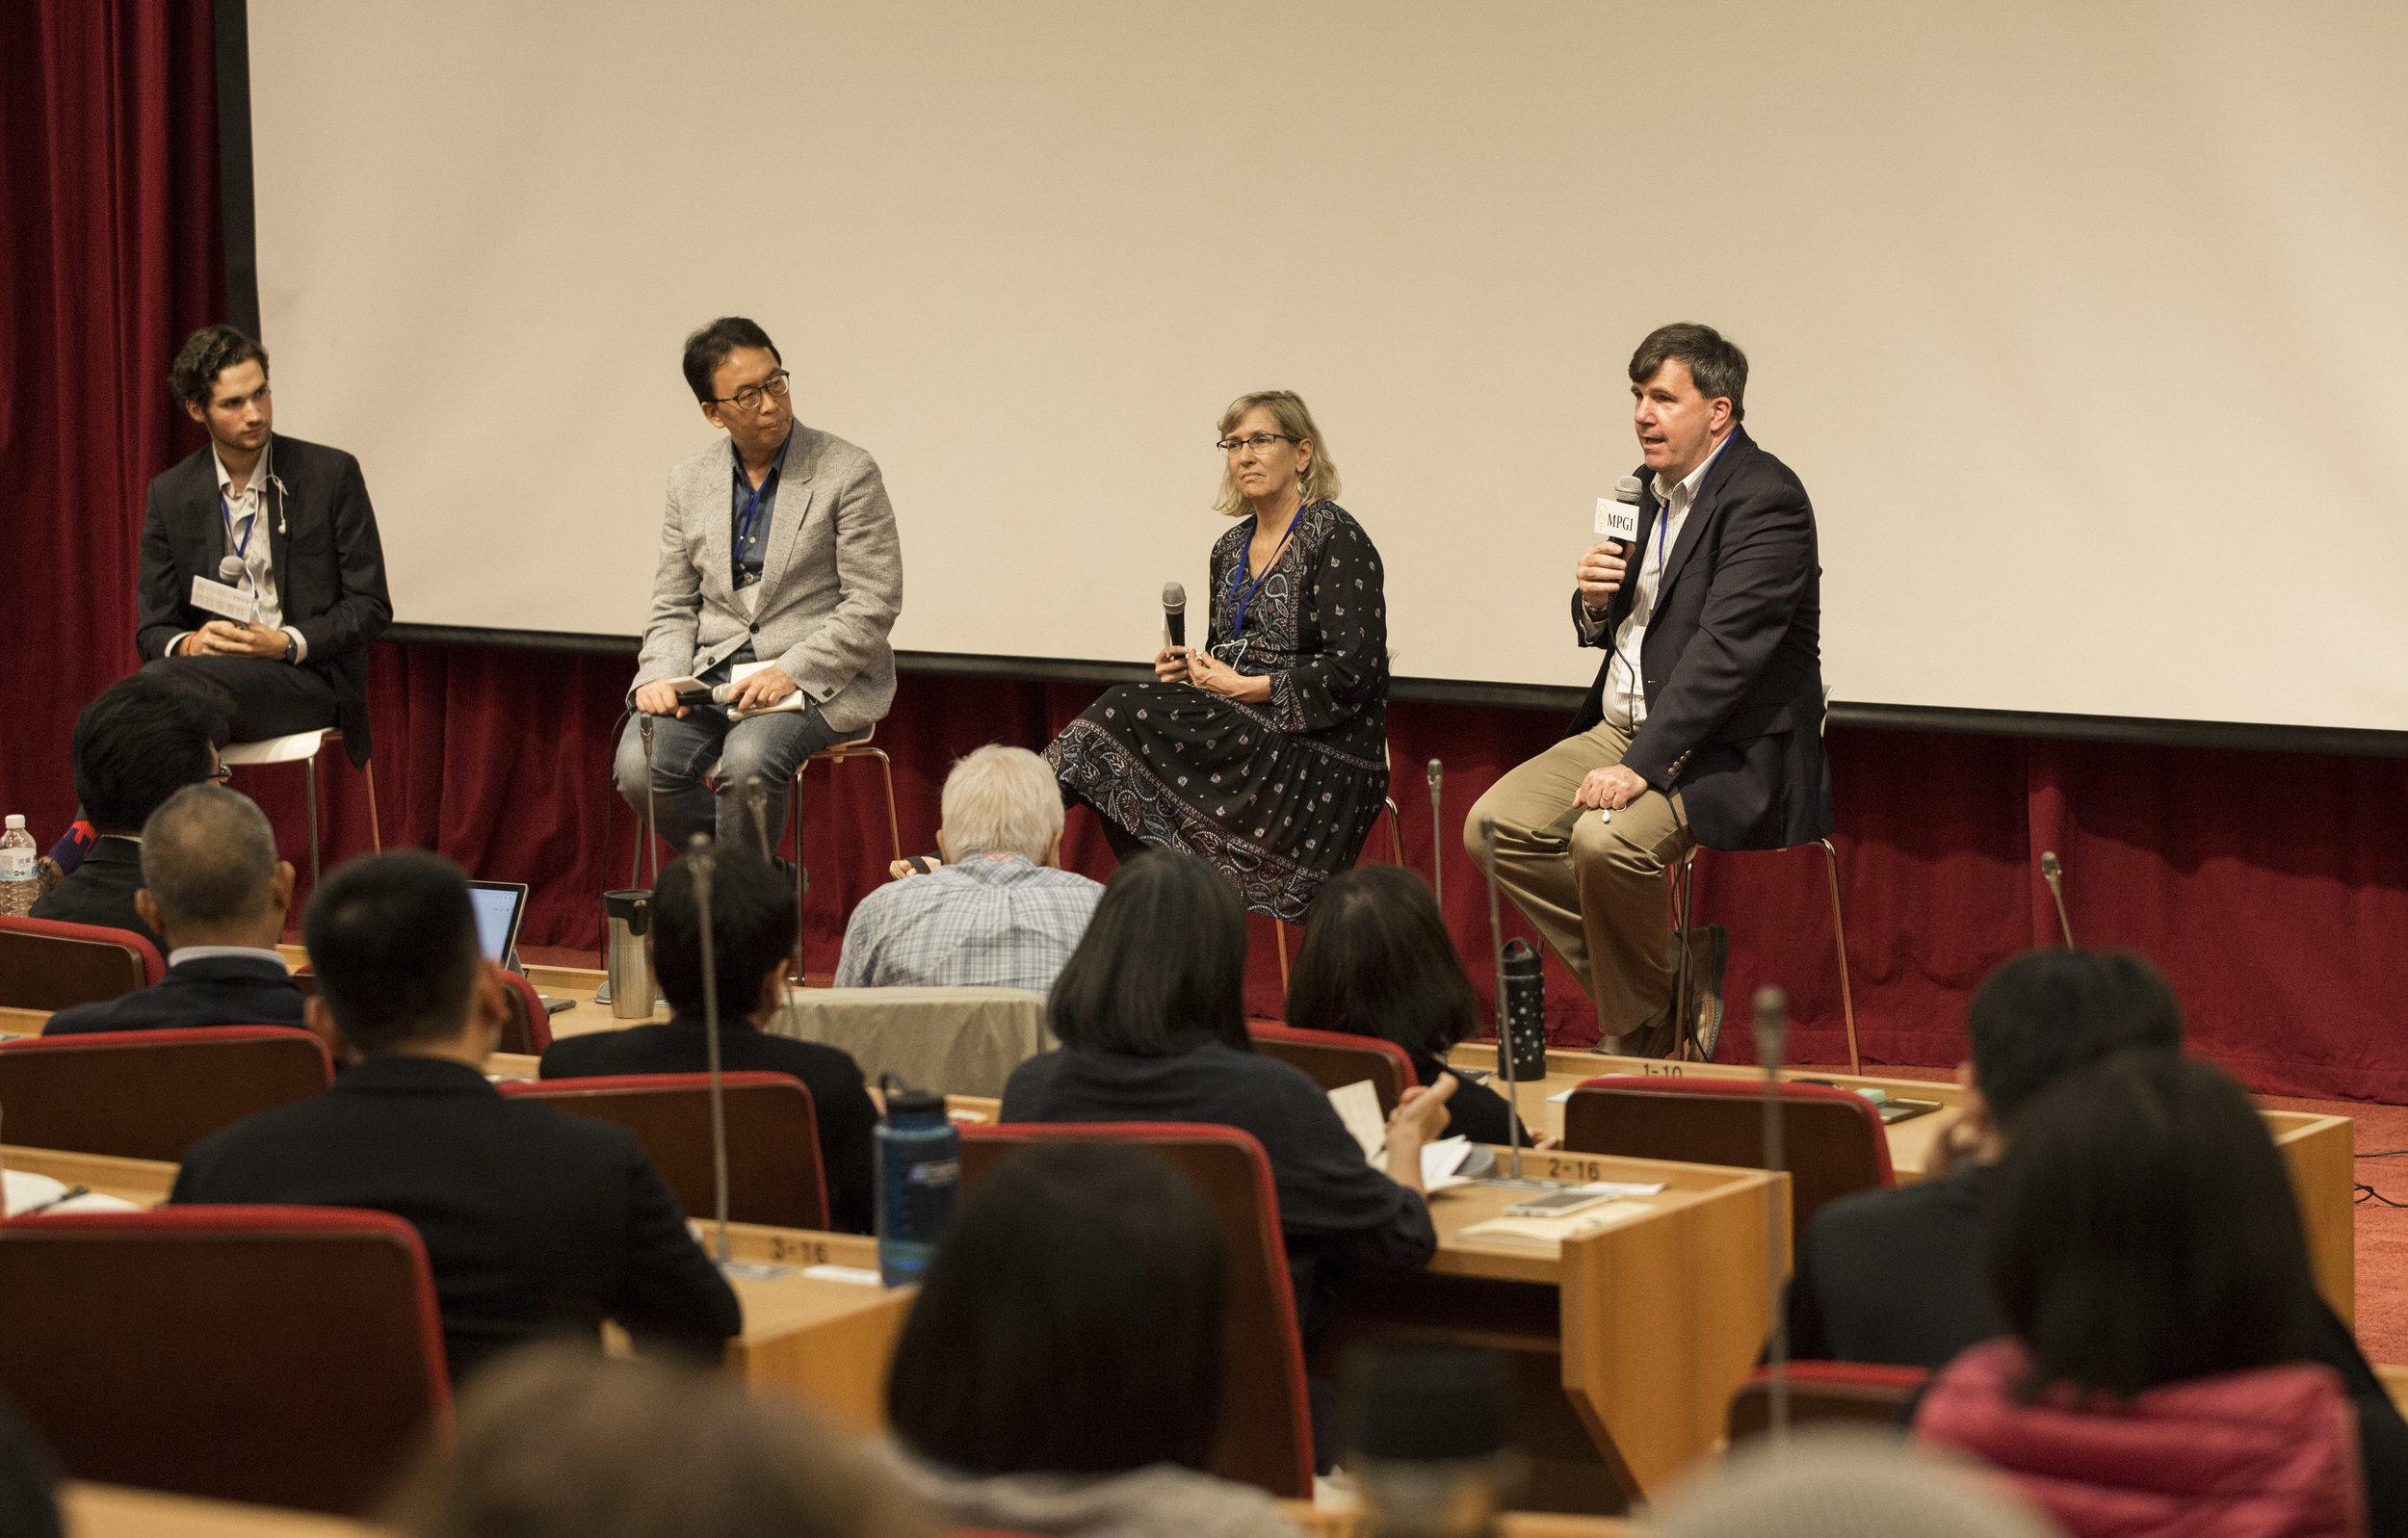 (左起) 綜合座談與談人Max Schubert,主持人鄭同僚, 講者Laurie Ewert-Krocker, Michael Waski.JPG